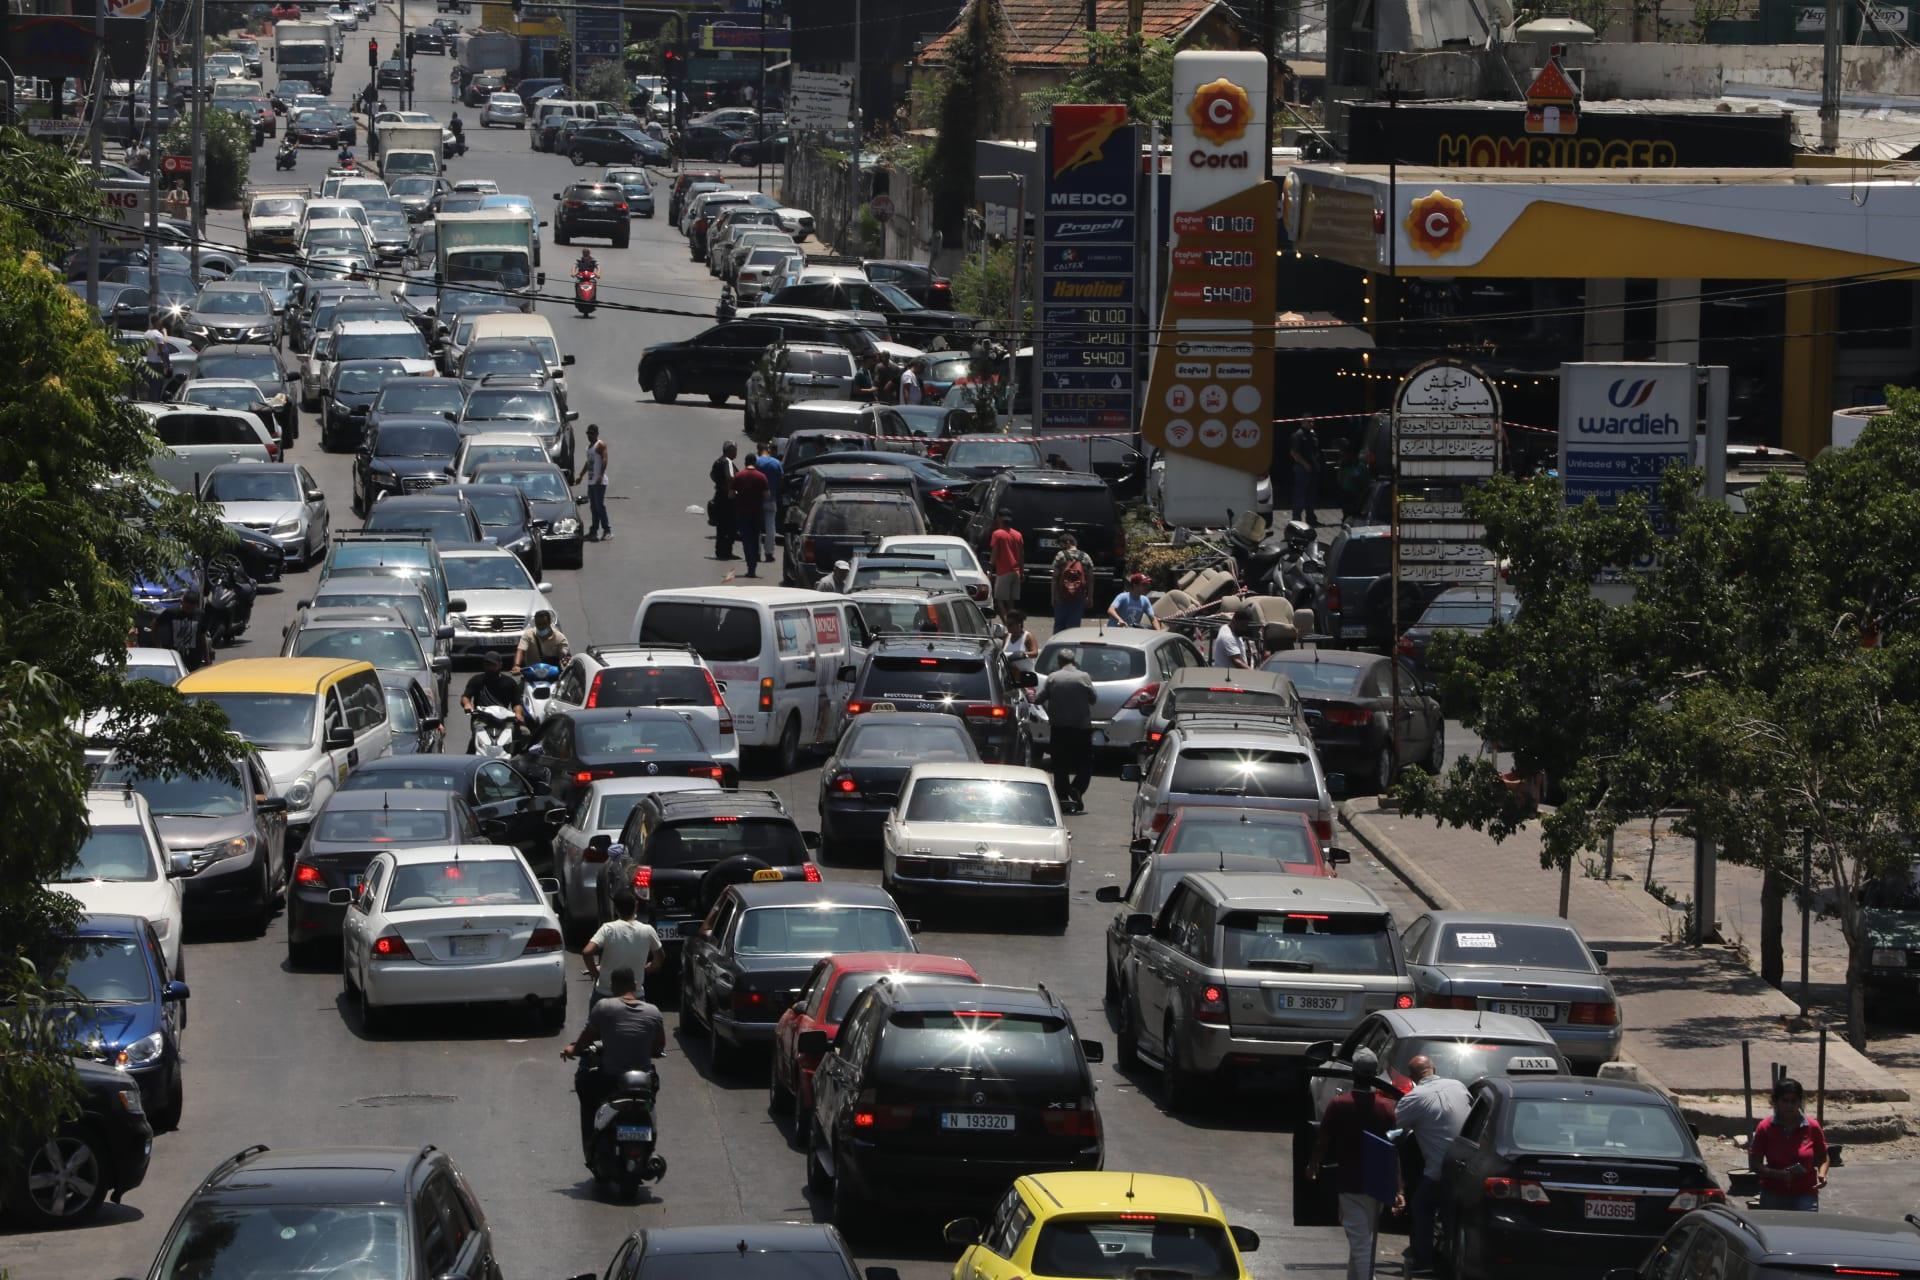 احتجاجات في لبنان إثر رفع الدعم عن المحروقات.. وعون يستدعي سلامة